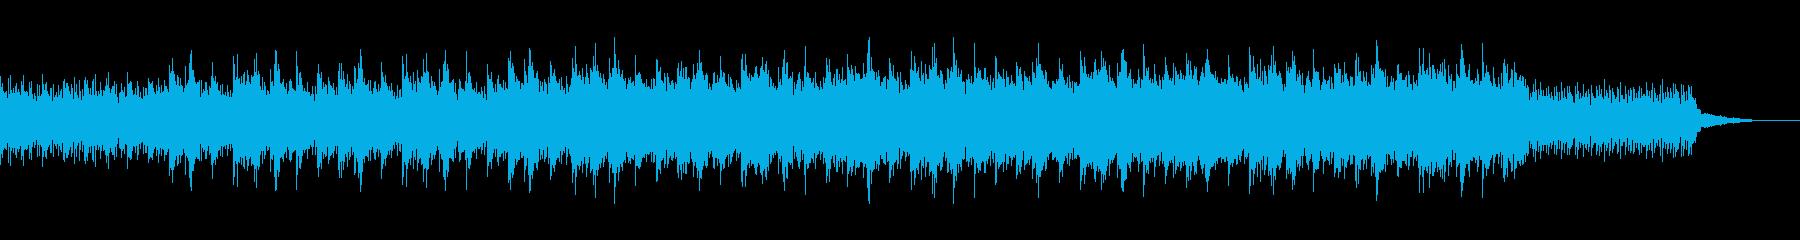 コンセプトムービ ドラム無し 未来のCMの再生済みの波形